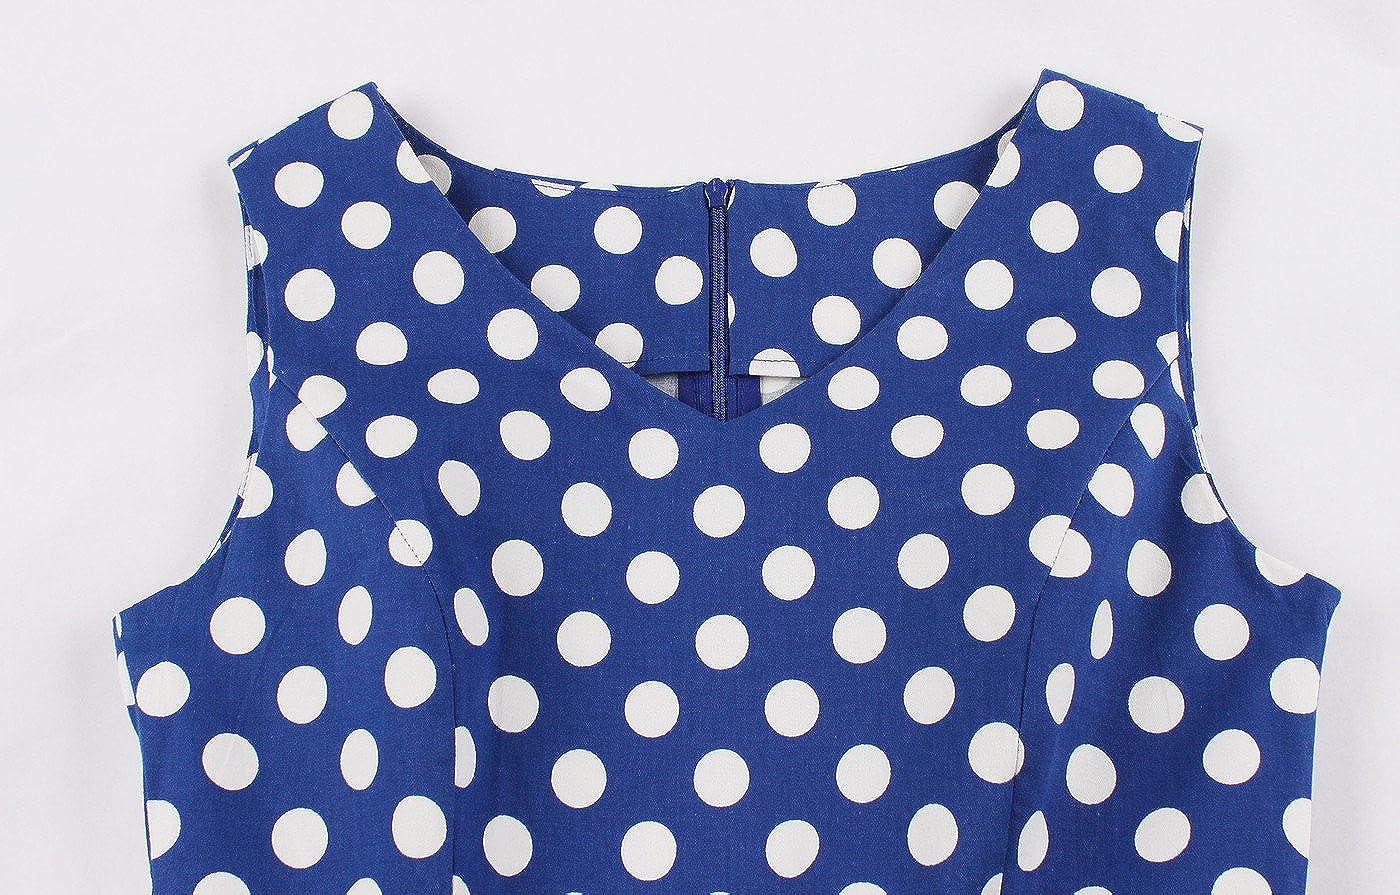 VERNASSA 1950s Abiti da Donna Formato S-4XL 50s Vestito da Swing dellAbito di Sera di Promenade del Cotone del Cotone di Stile di Hepburn di Stile Classico